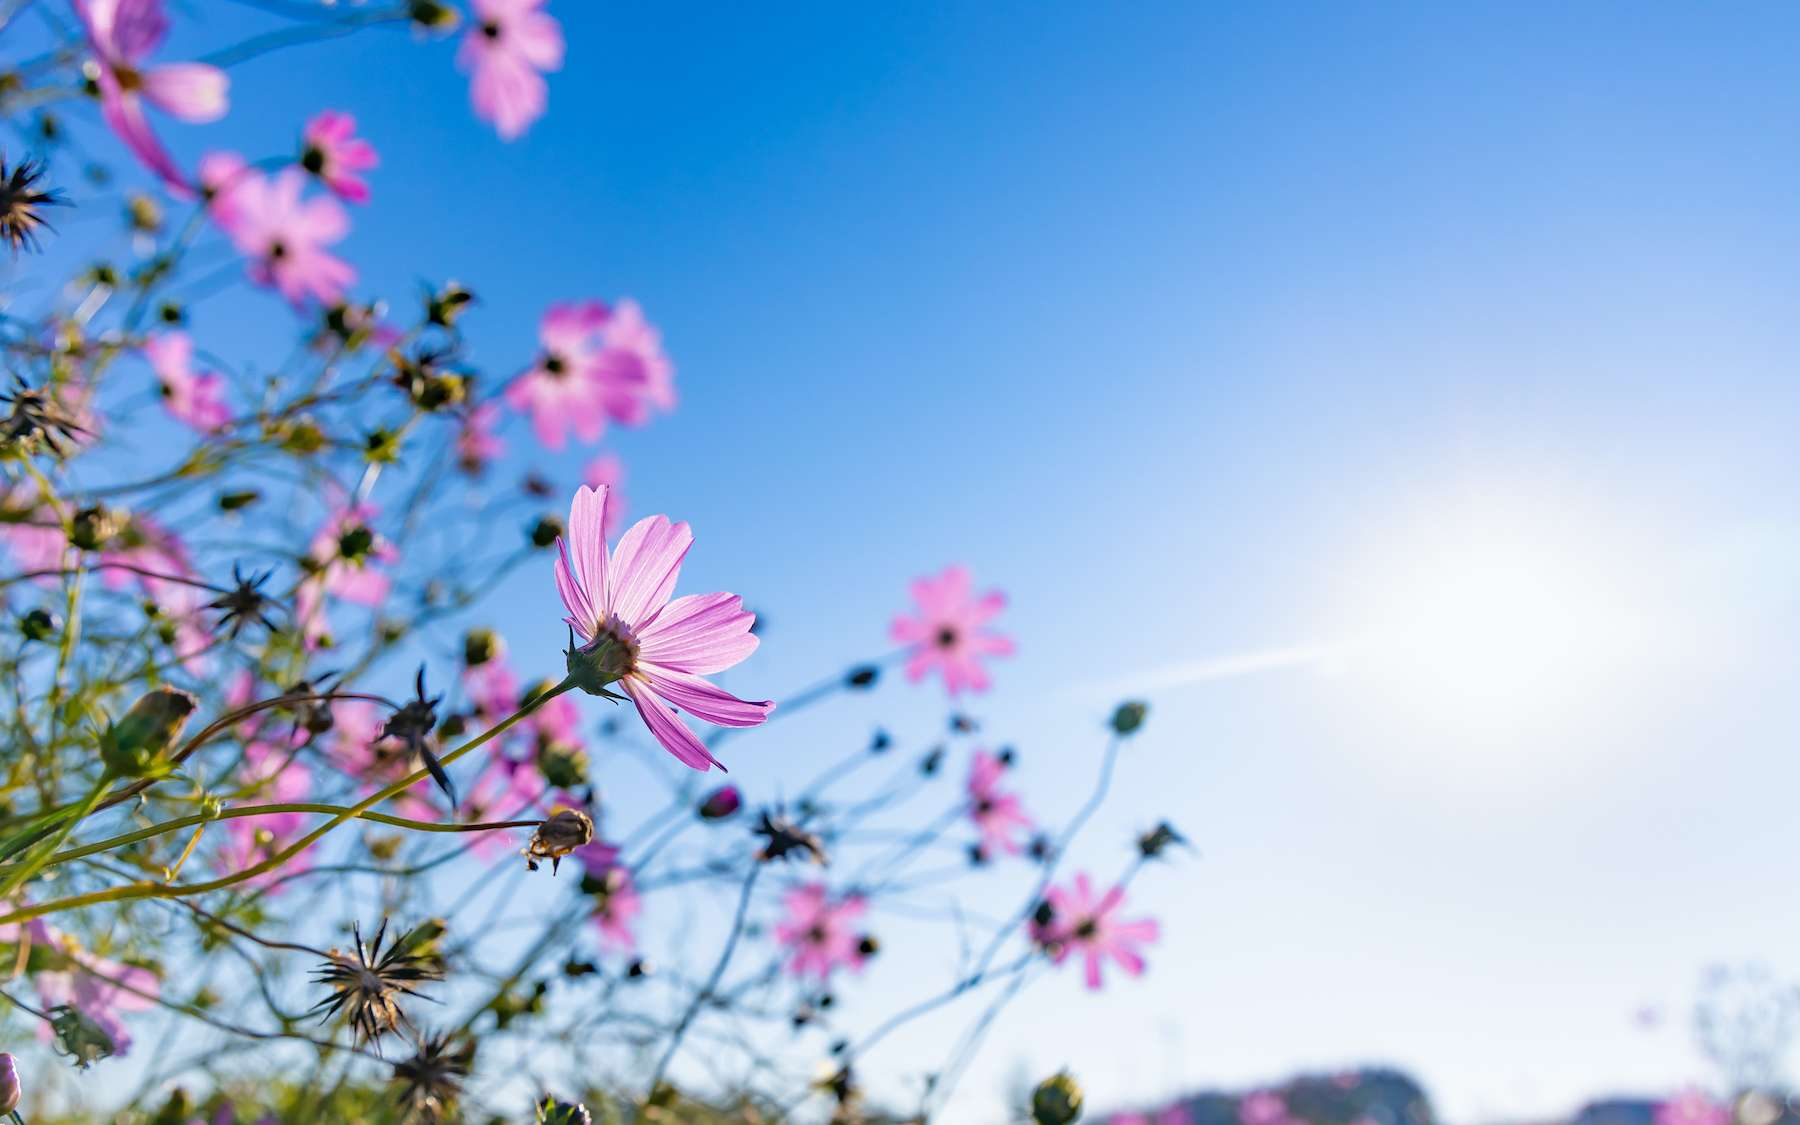 Le phototropisme est la faculté de la plante à s'orienter vers une source lumineuse lors de sa croissance. © taka, Adobe Stock